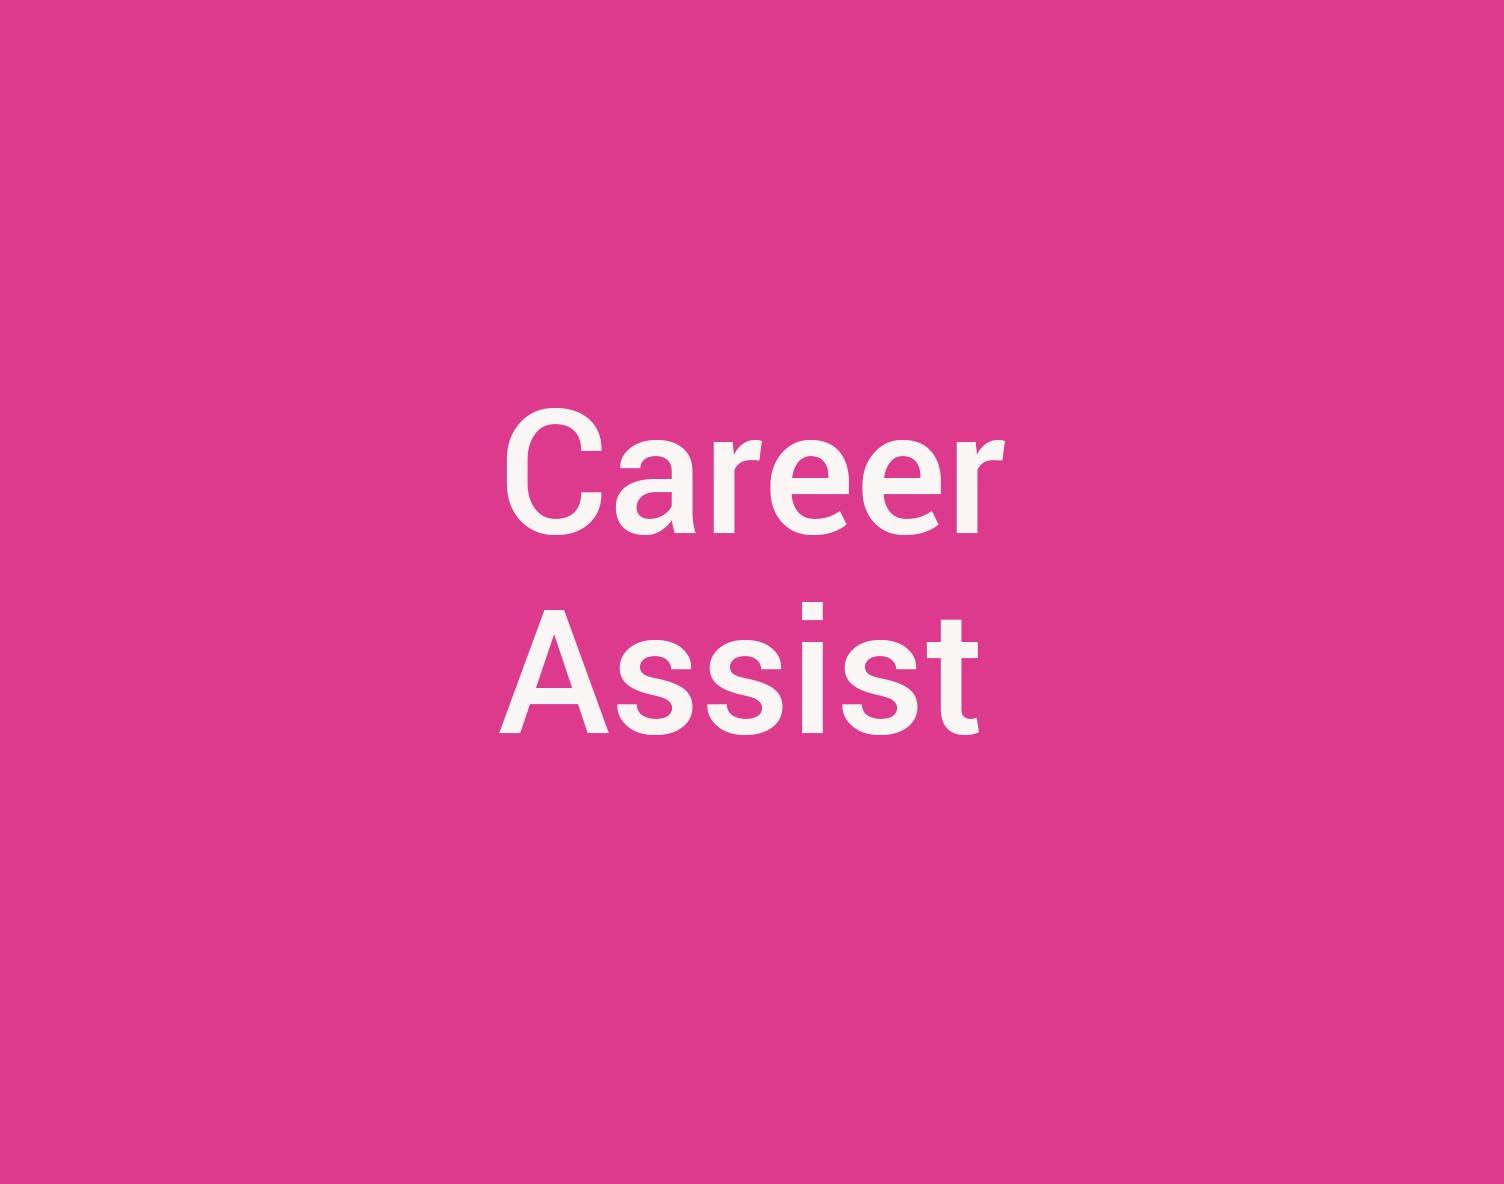 Download flyer: Career Assist (PDF, 1.6MB)